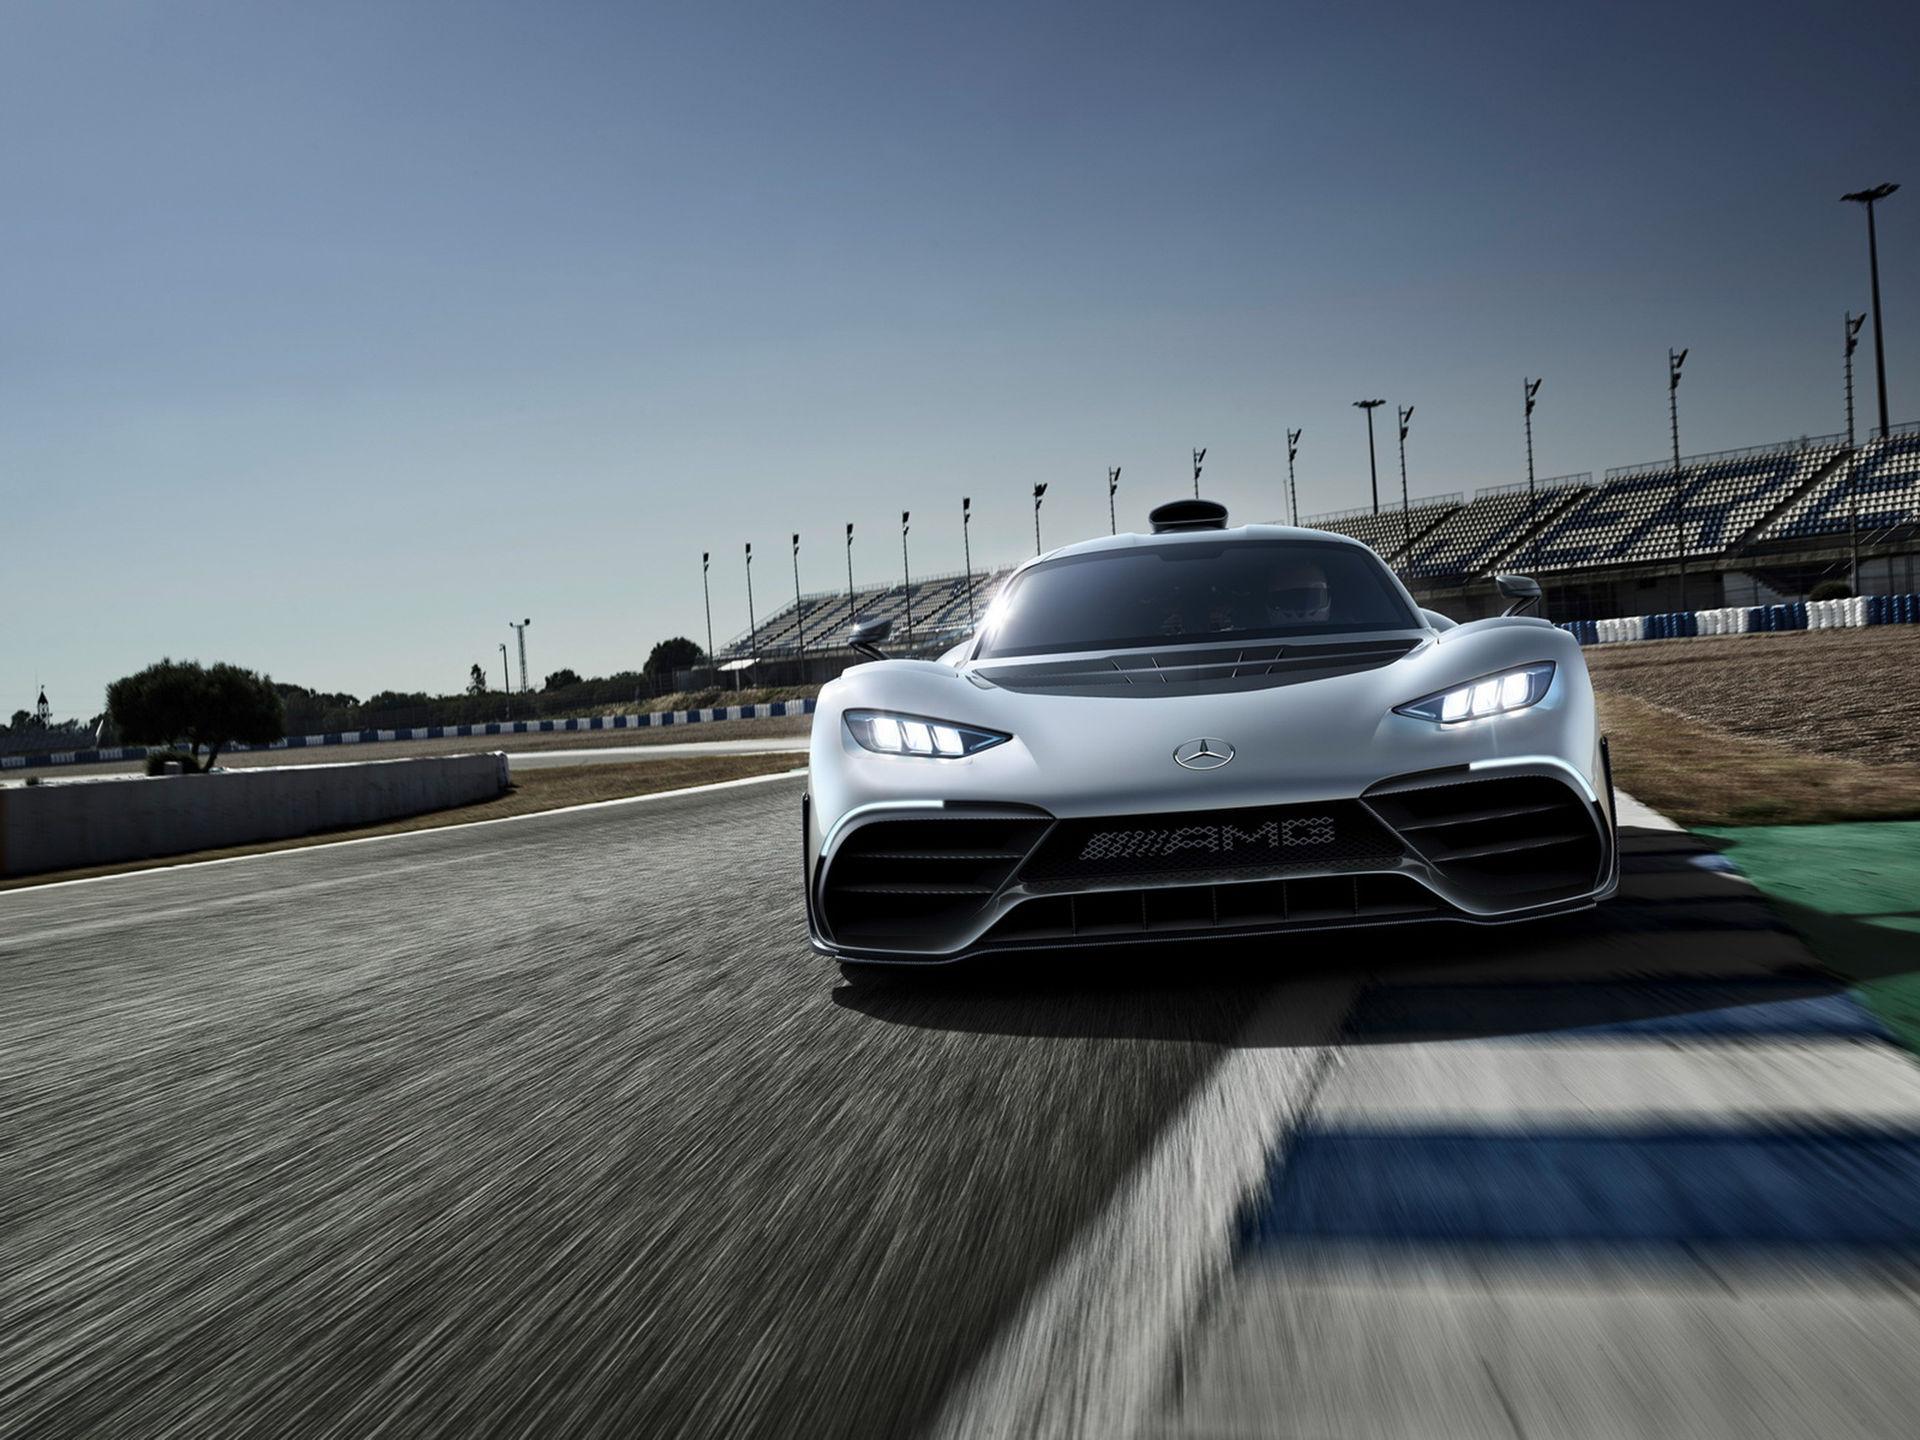 Bilfirma säljer slot för Mercedes-AMG Project One